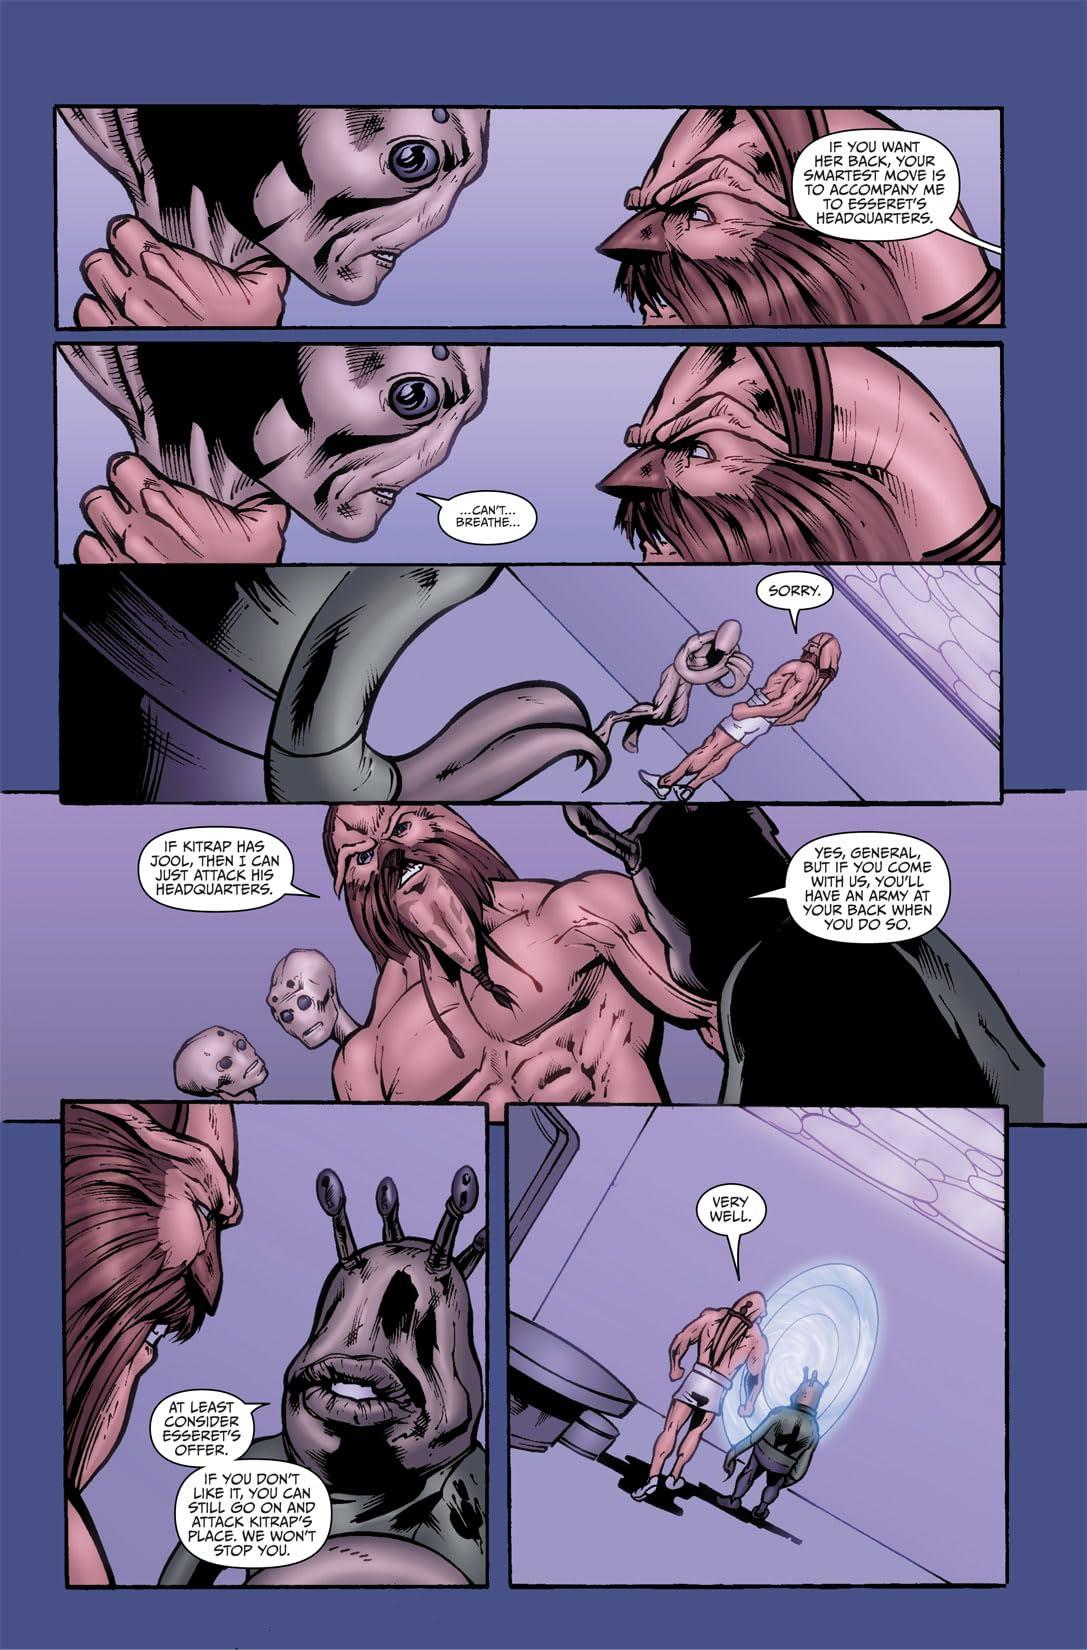 Farscape: Uncharted Tales Vol. 1: D'Argos Lament #2 (of 4)